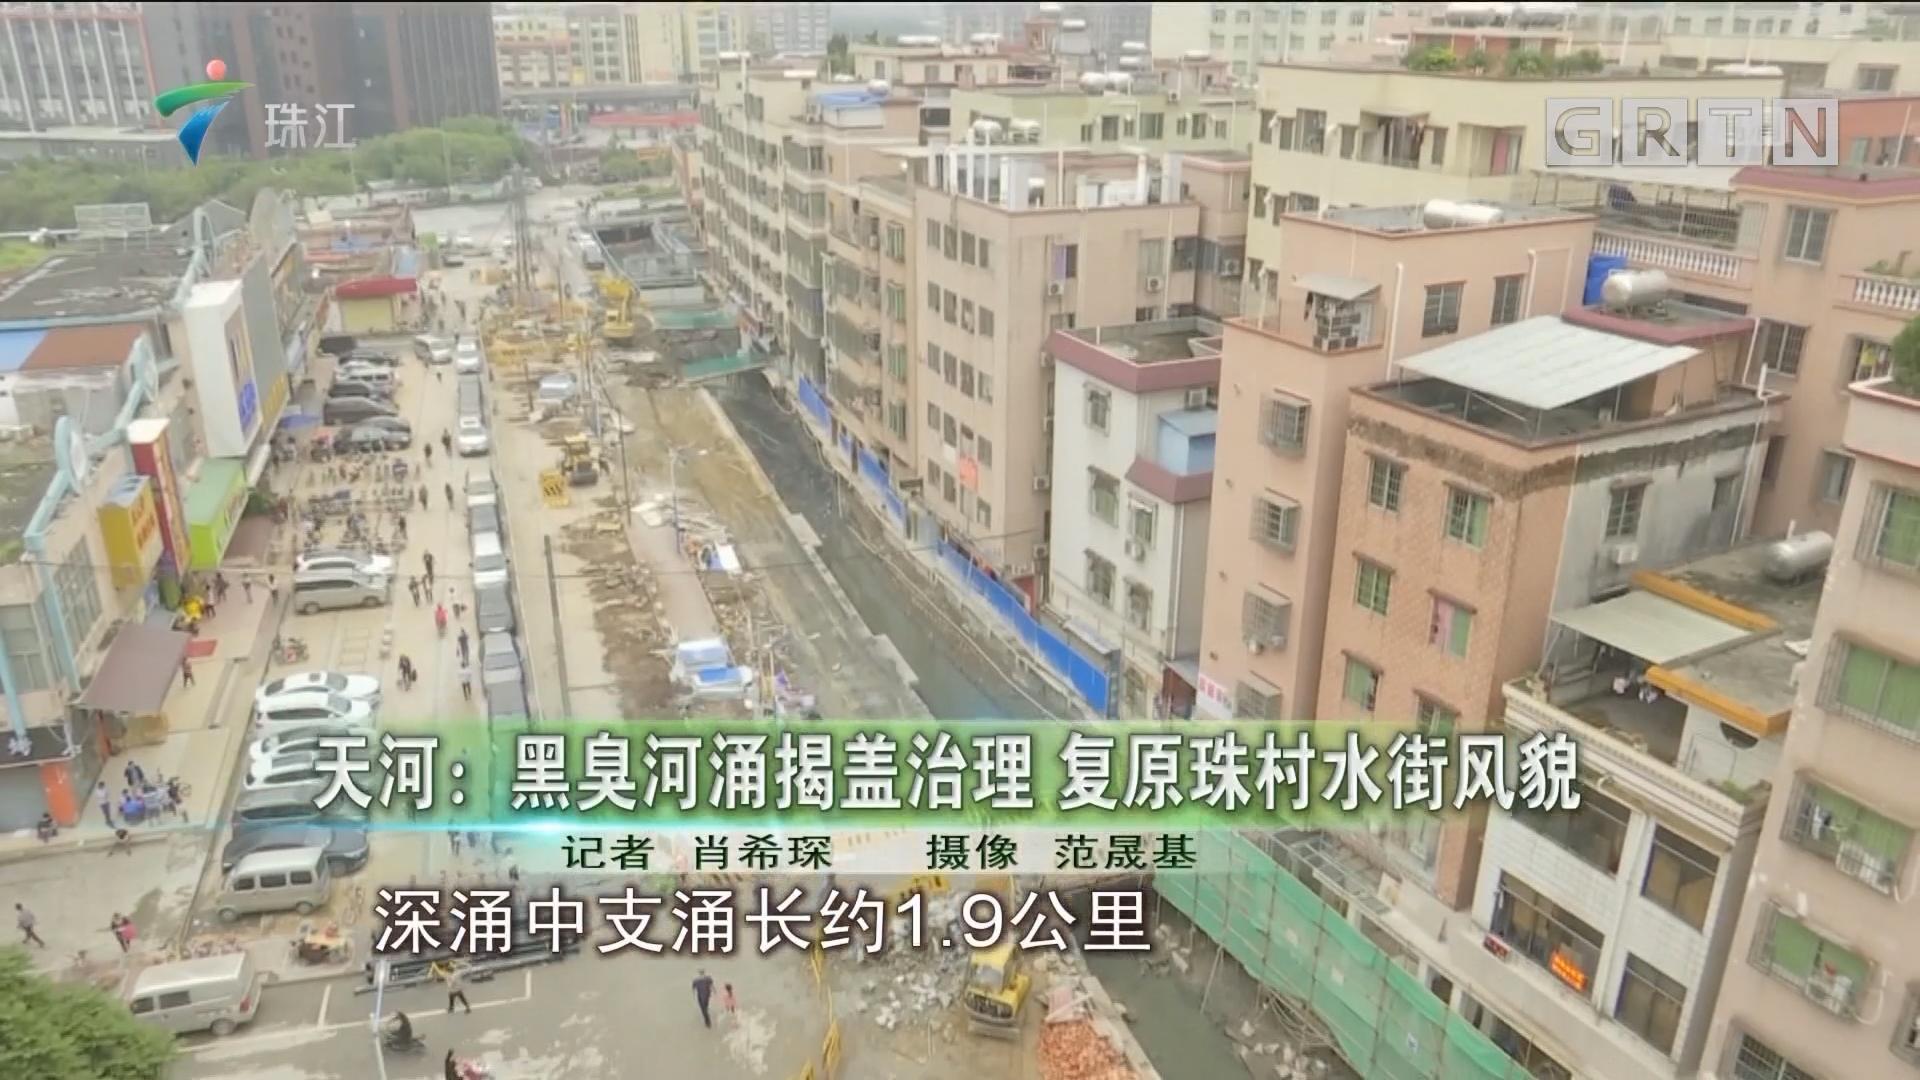 天河:黑臭河涌揭盖治理 复原珠村水街风貌